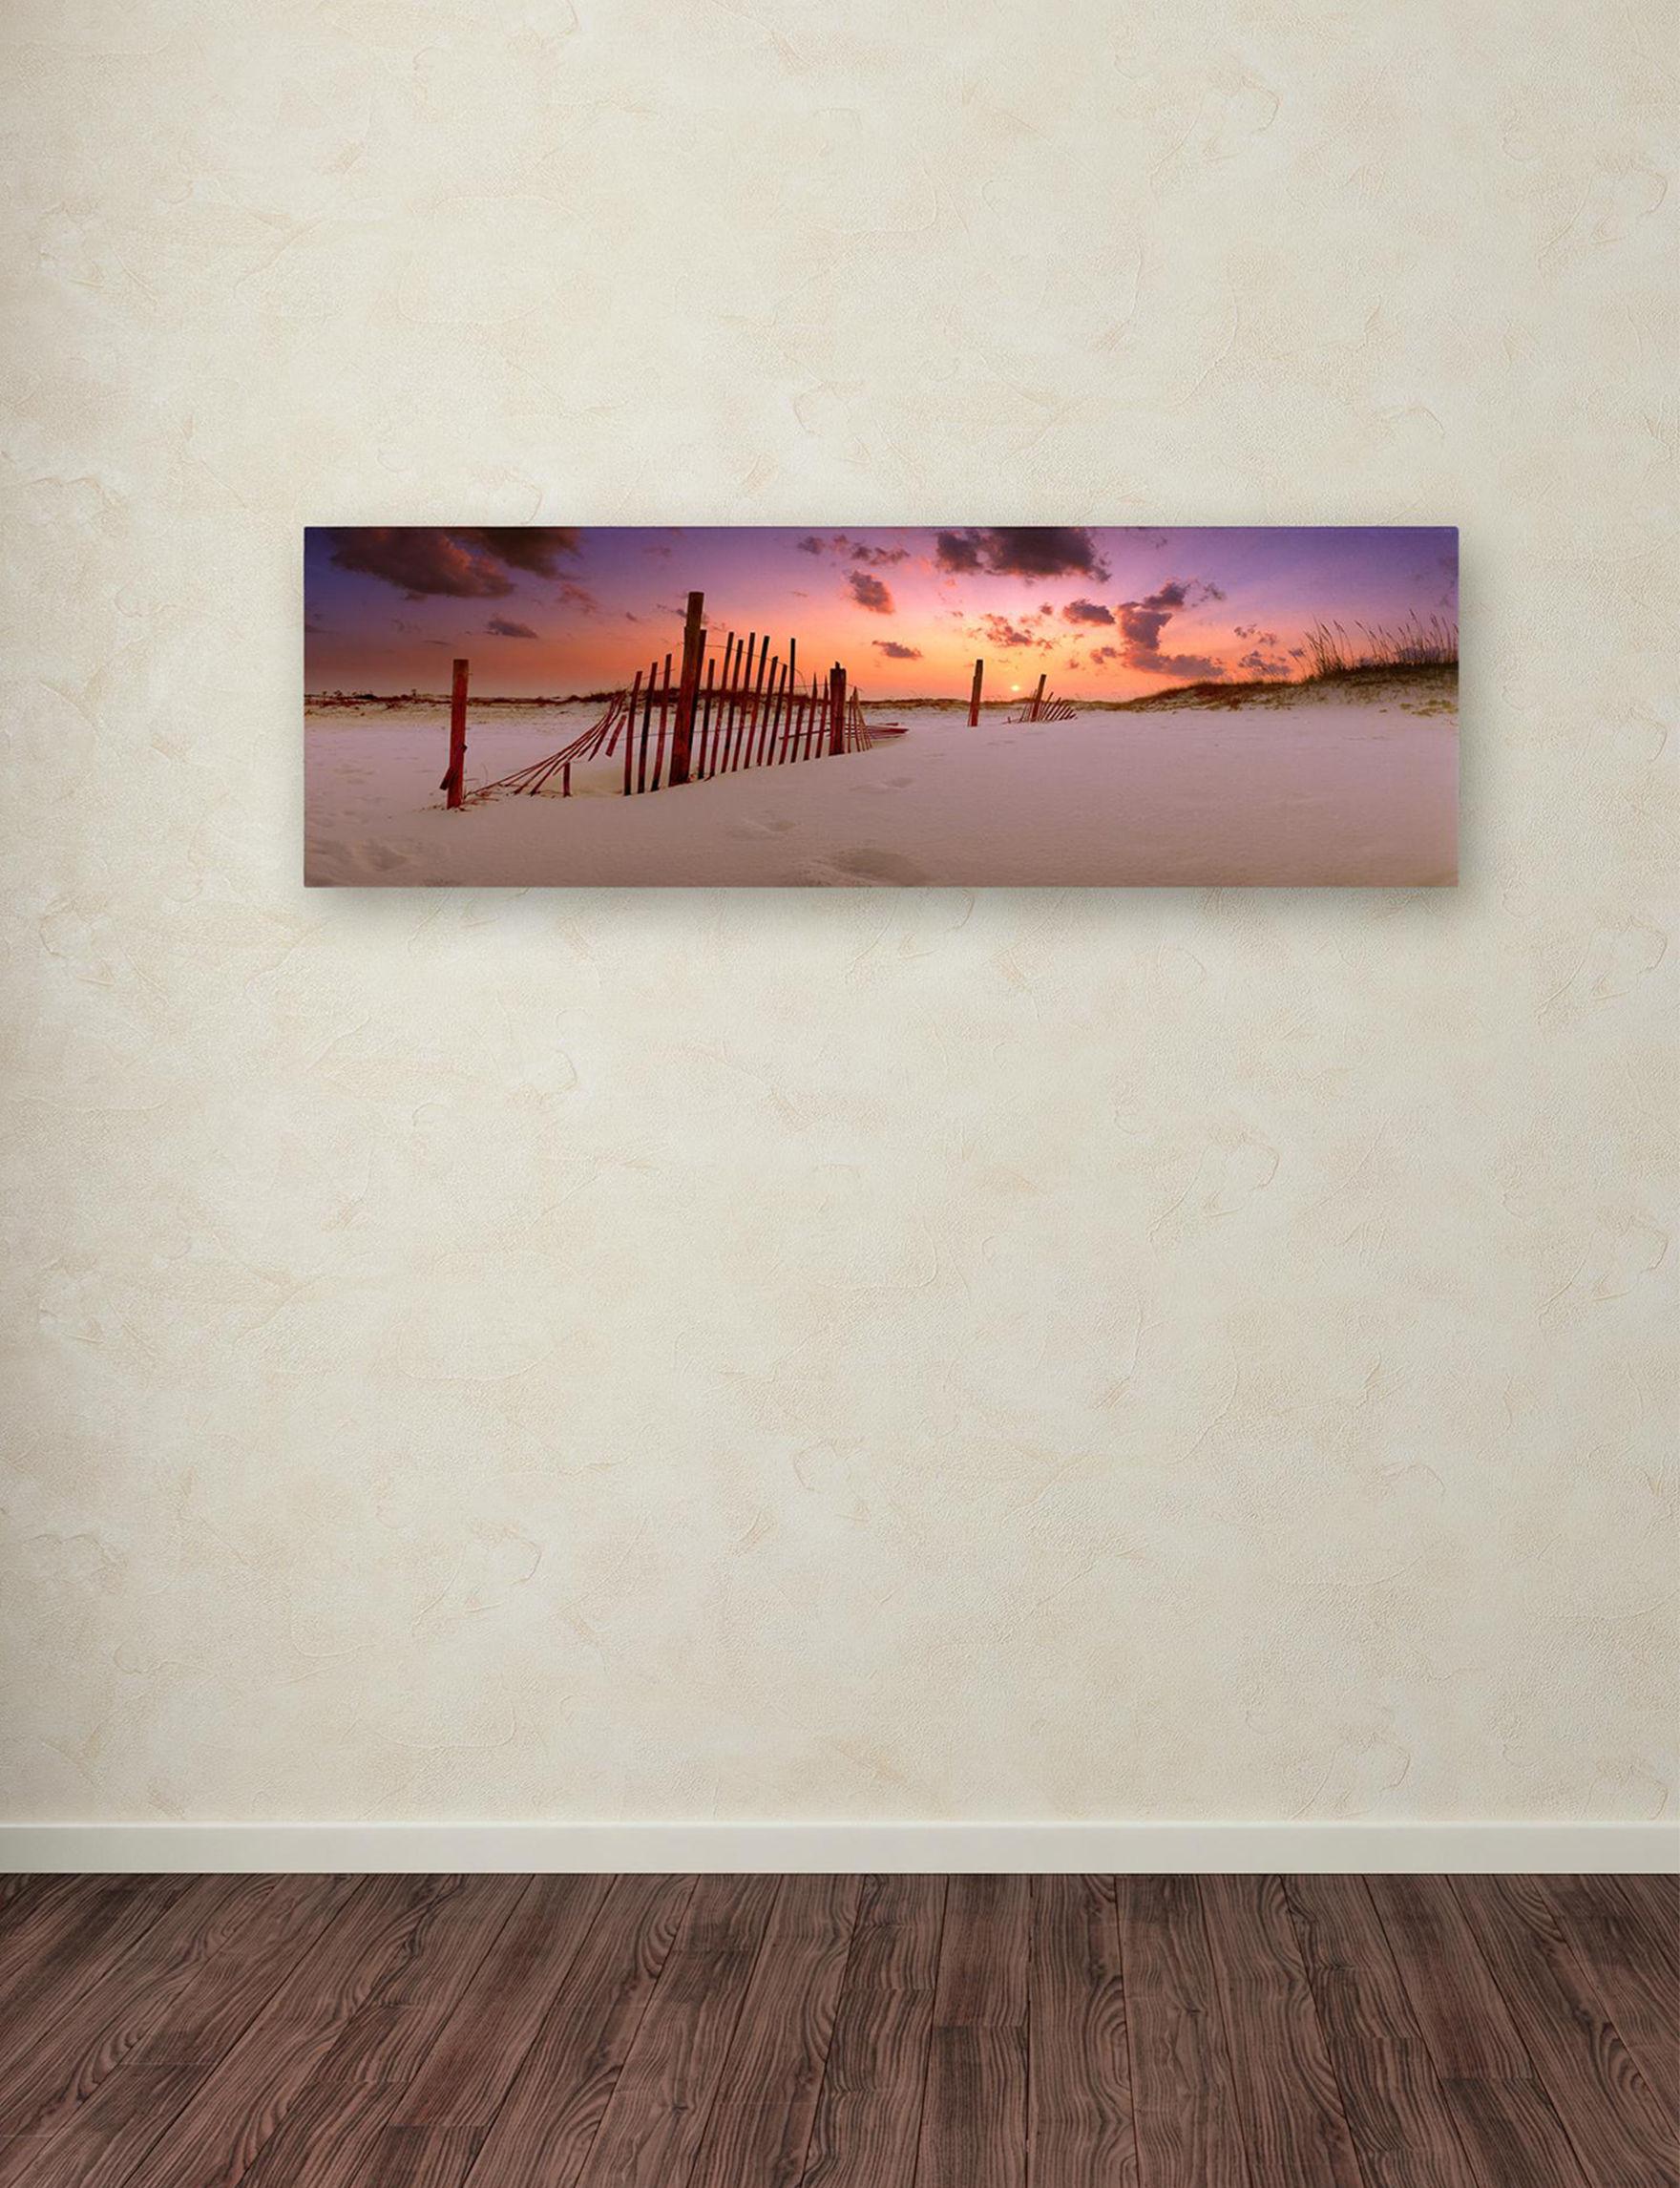 Trademark Fine Art Orange Multi Wall Art Home Accents Wall Decor